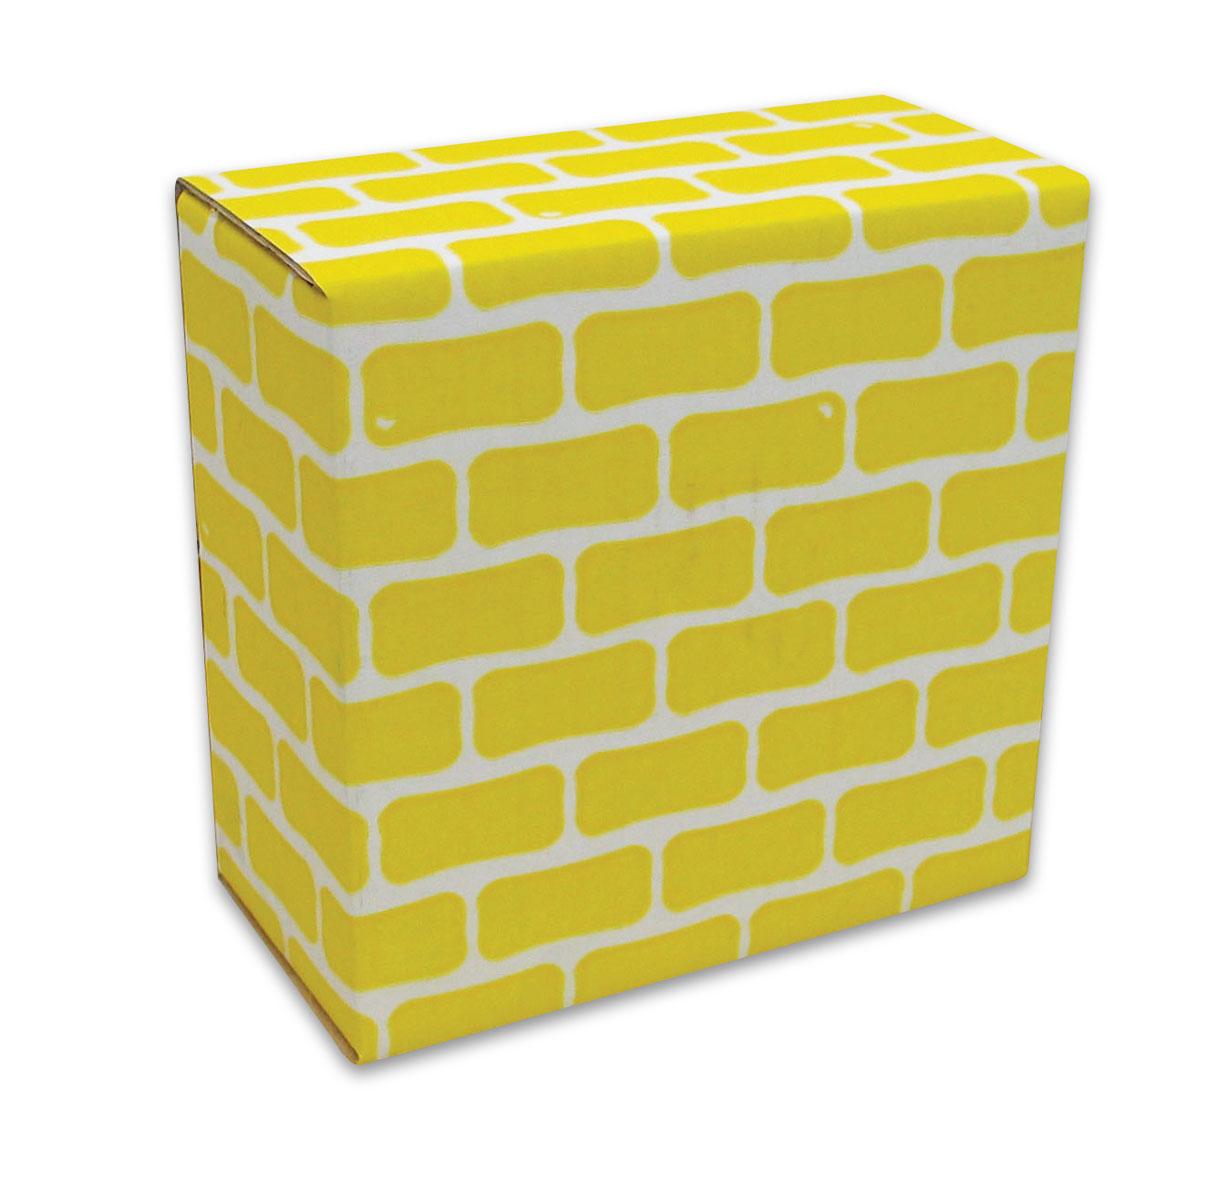 709036 Block- Medium